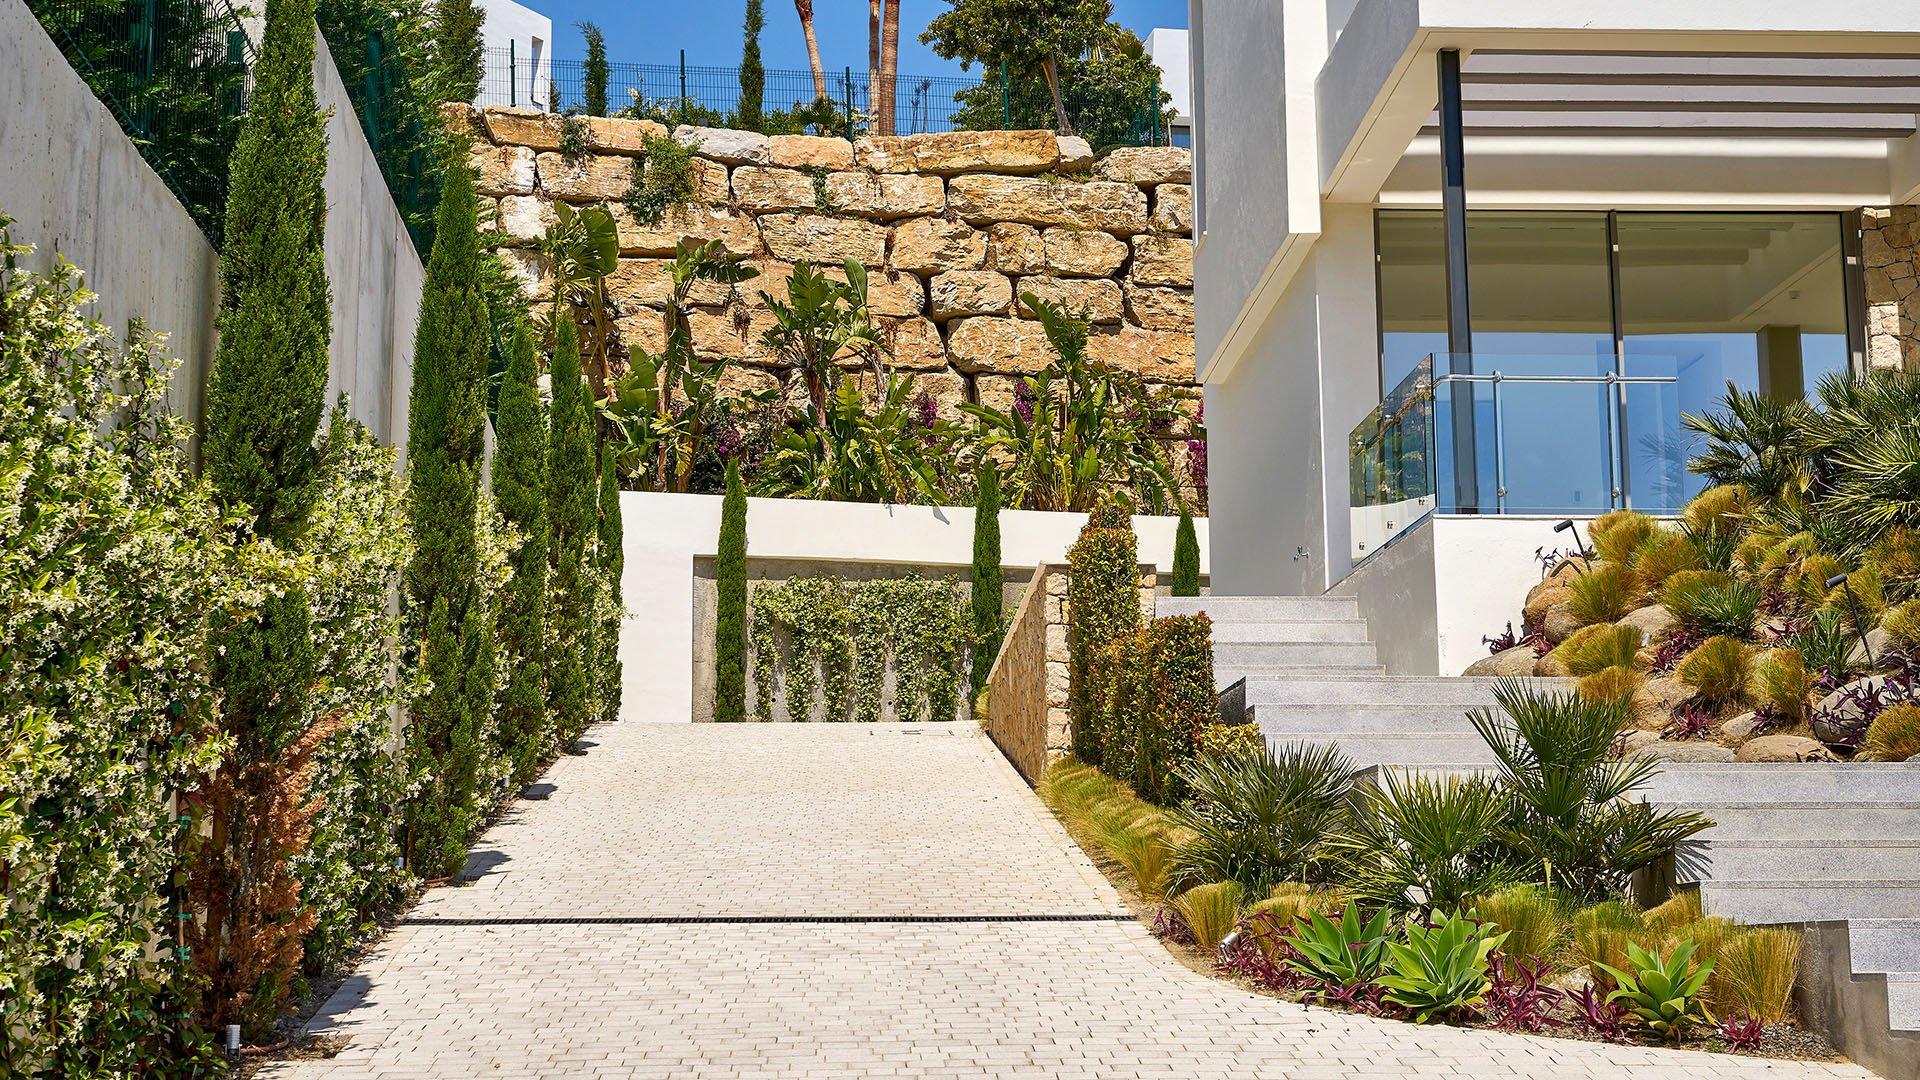 Villa Capanes Sur: Moderne luxe villa eerste lijn golf